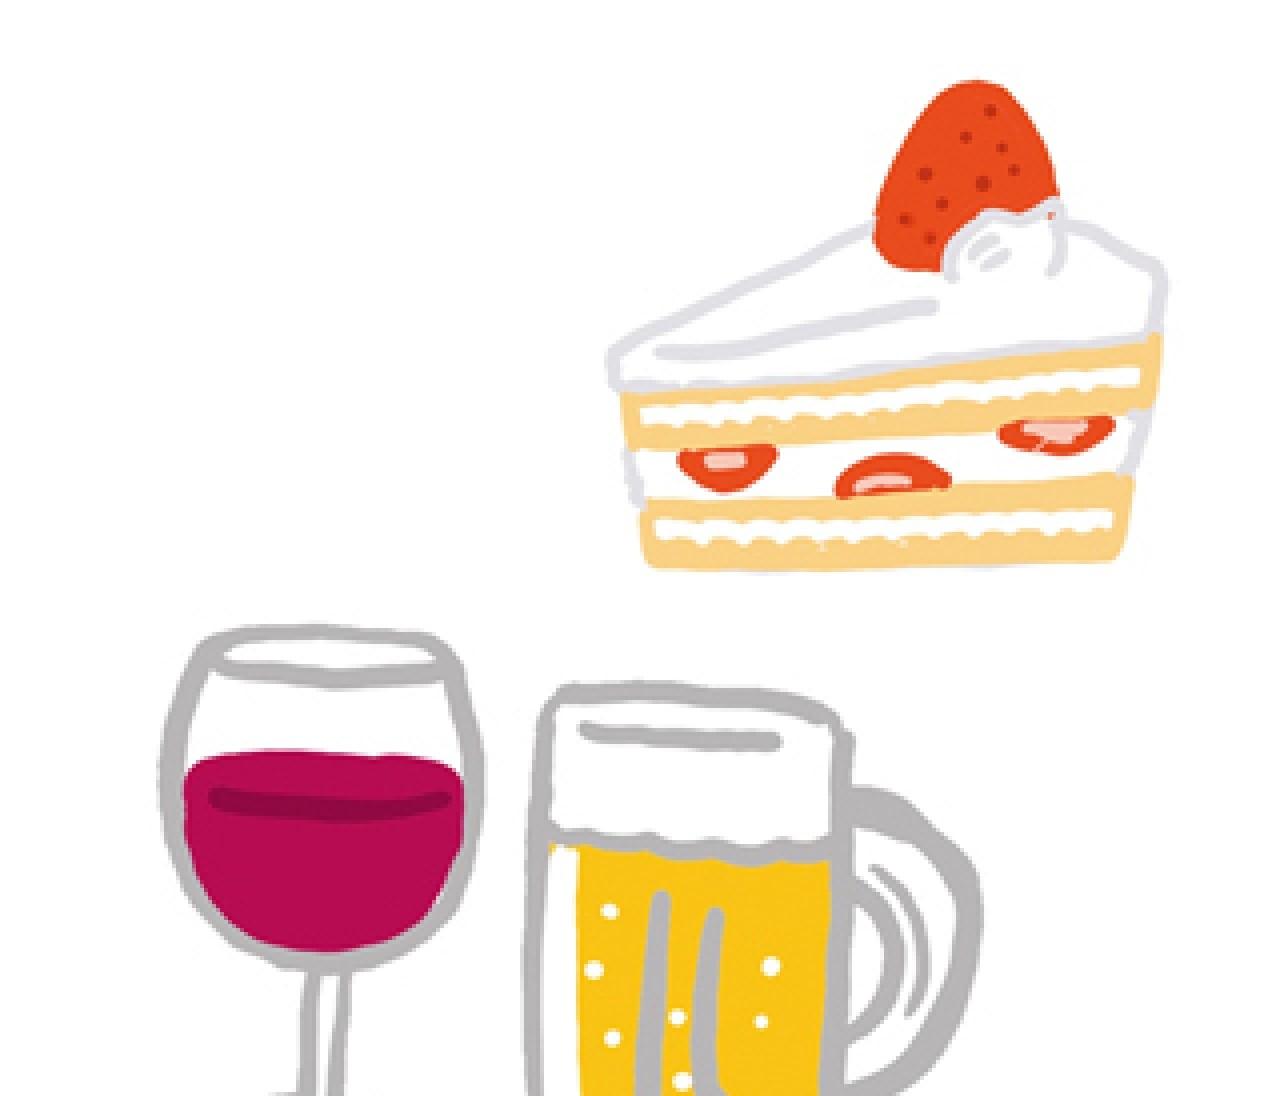 """ダイエット中、スイーツやお酒を""""食べすぎ・飲みすぎ""""ないためには?"""